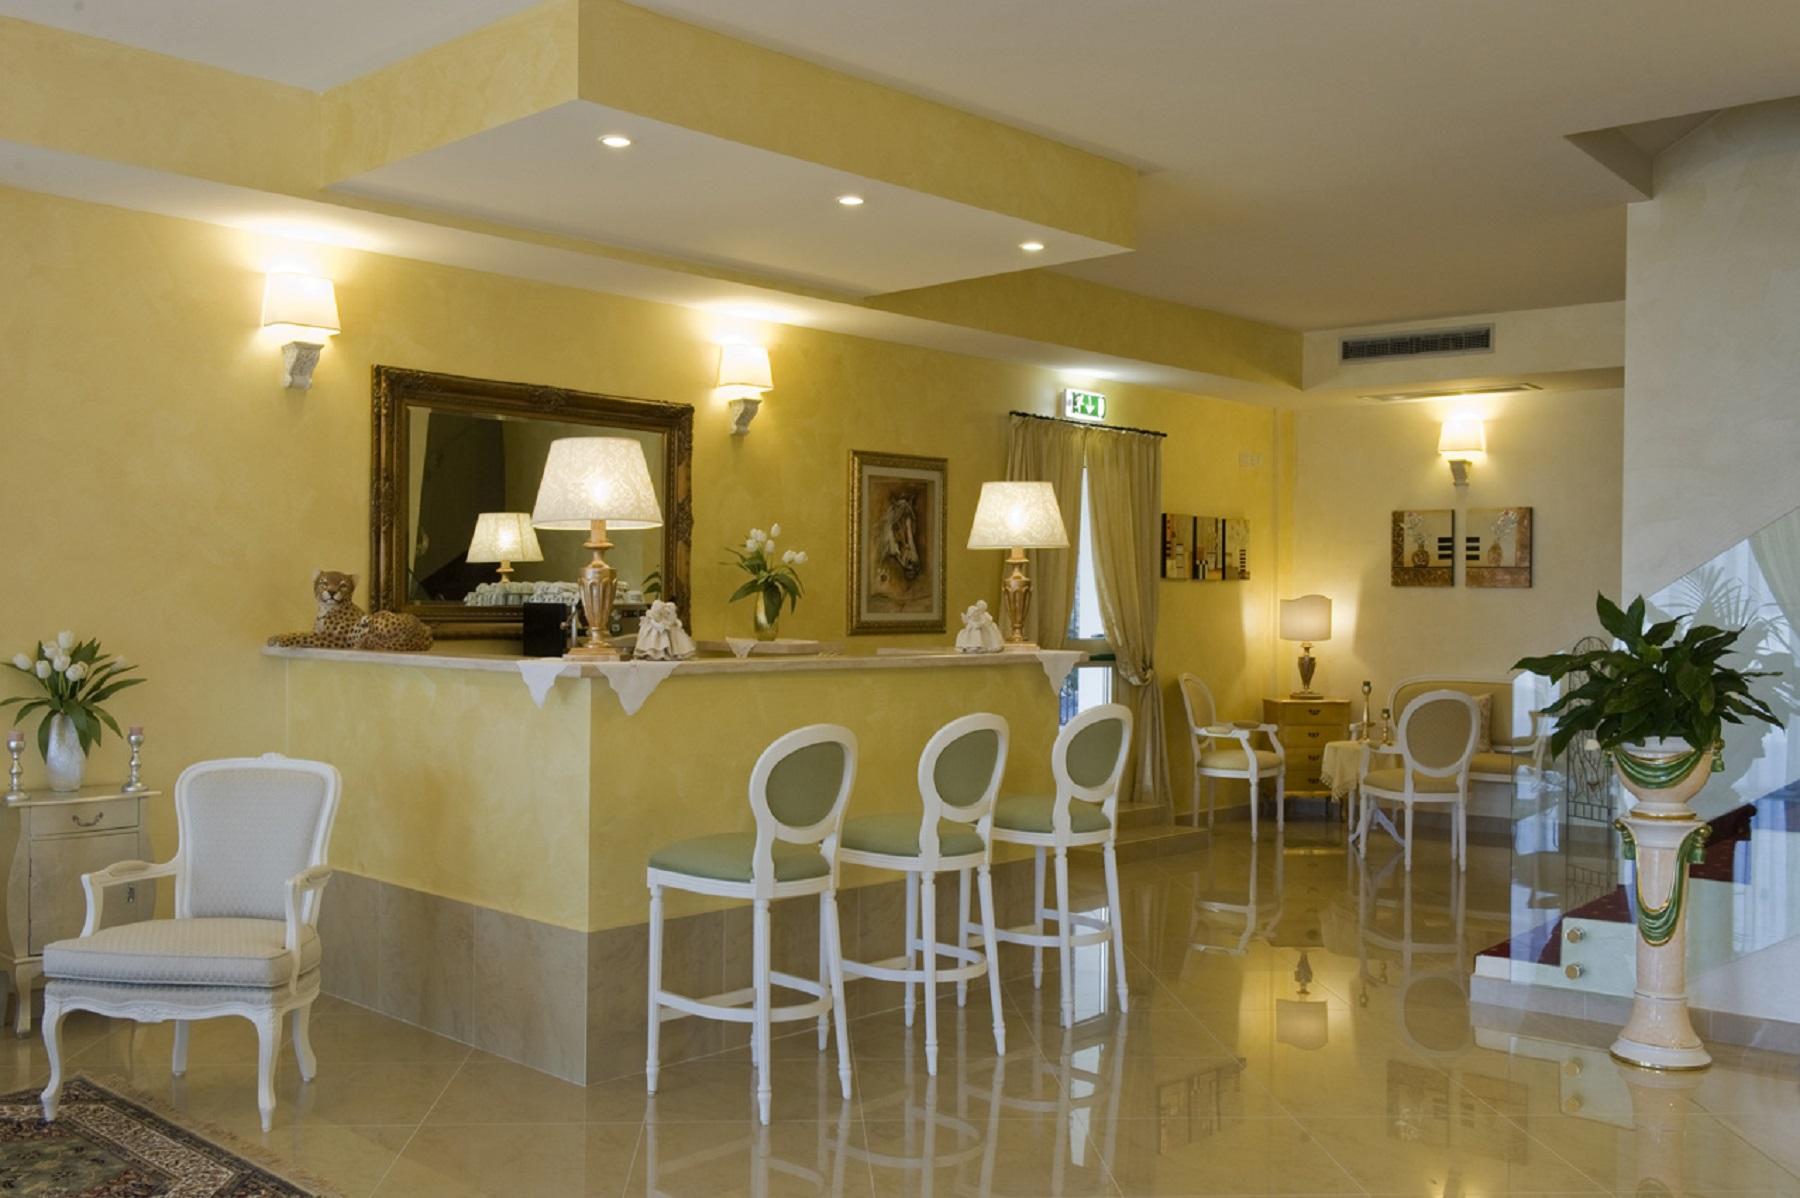 Hotel Mezza Pensione Brescia